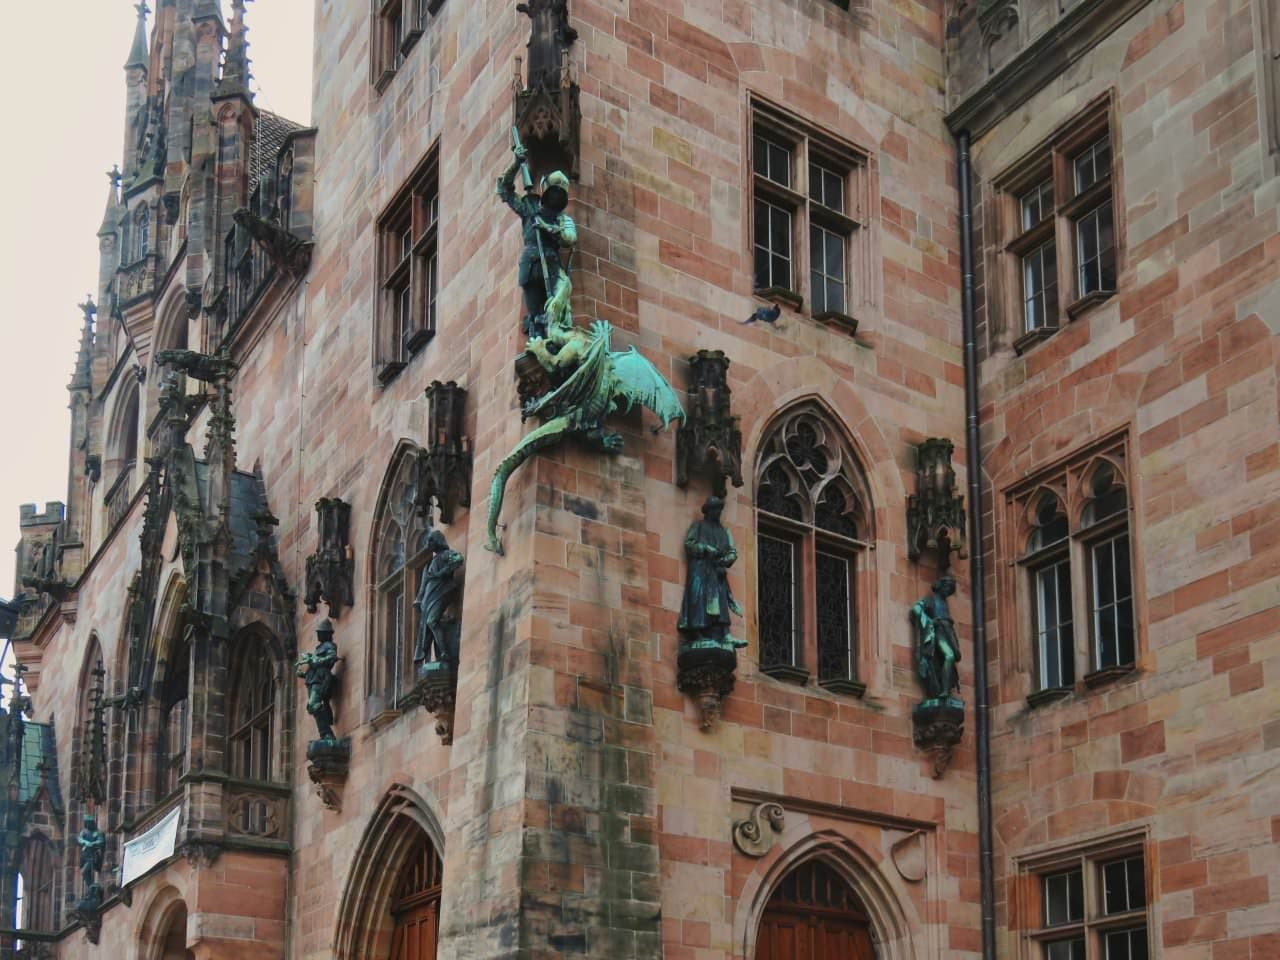 Rathaus St. Johann Überarbeitung der Wandfiguren